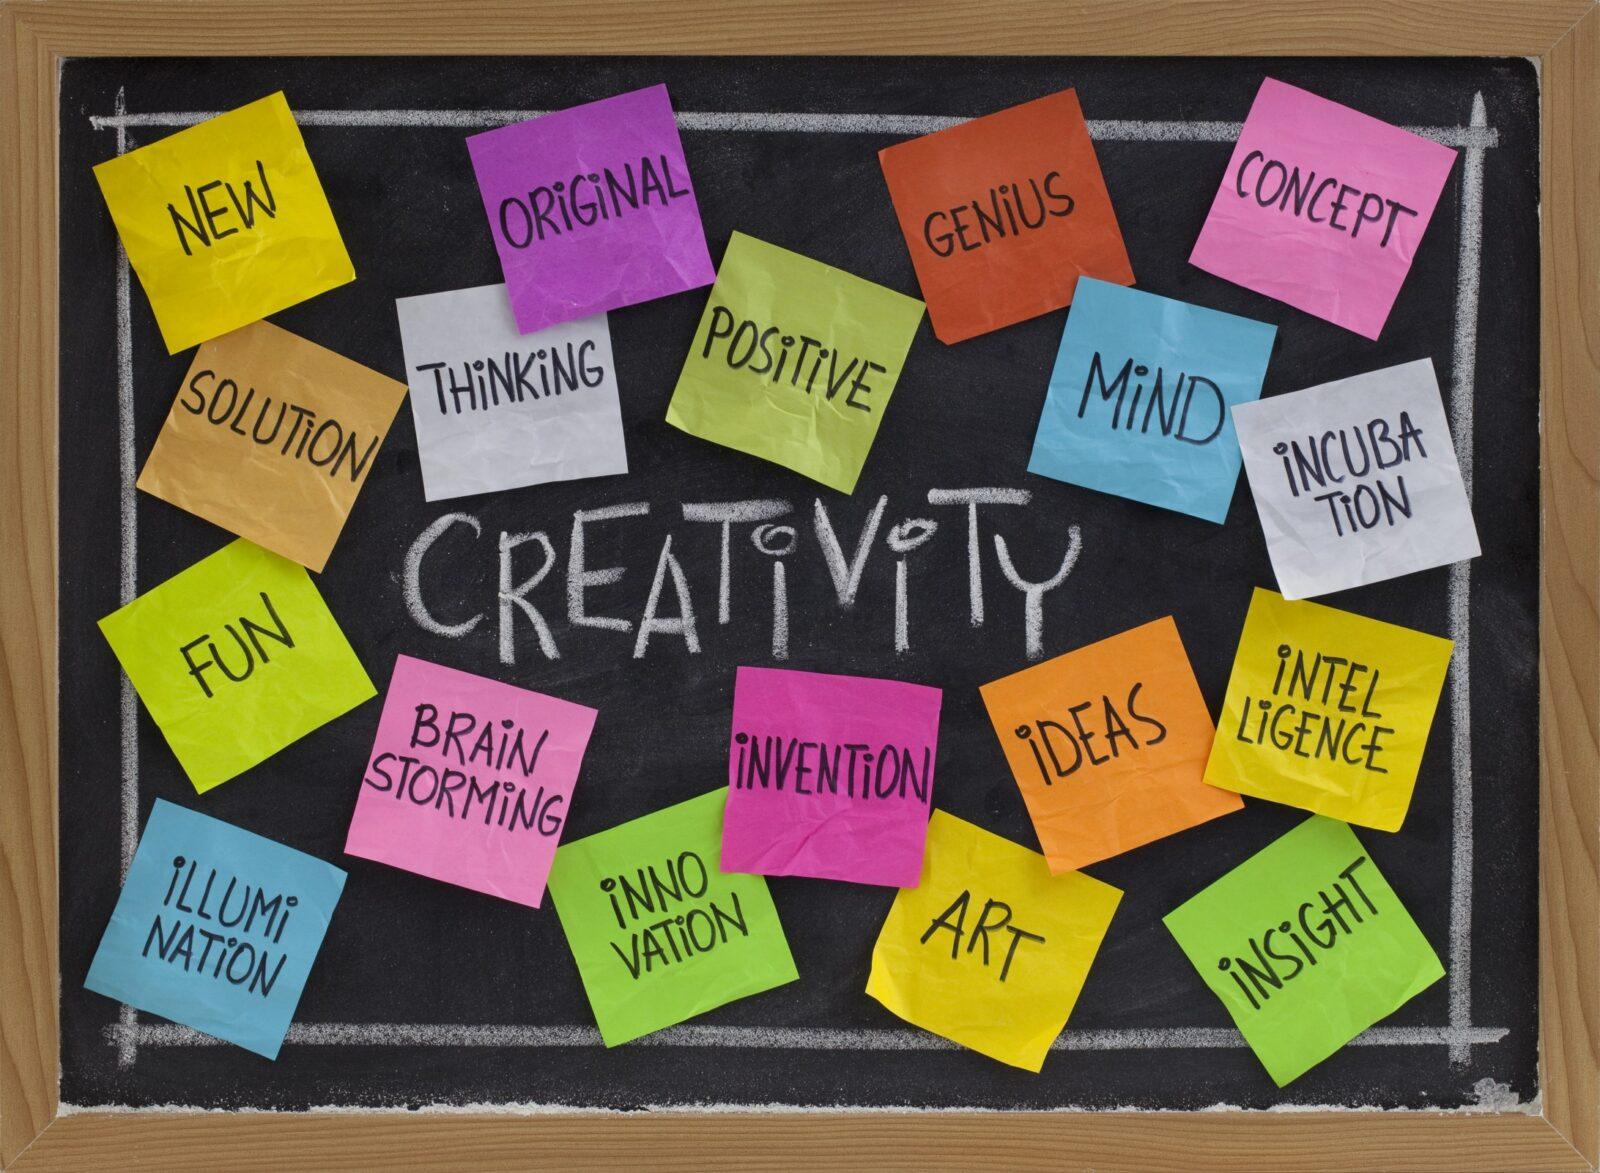 Оптимизация мышления: как метод списков поможет вам упорядочить свои дела и мысли